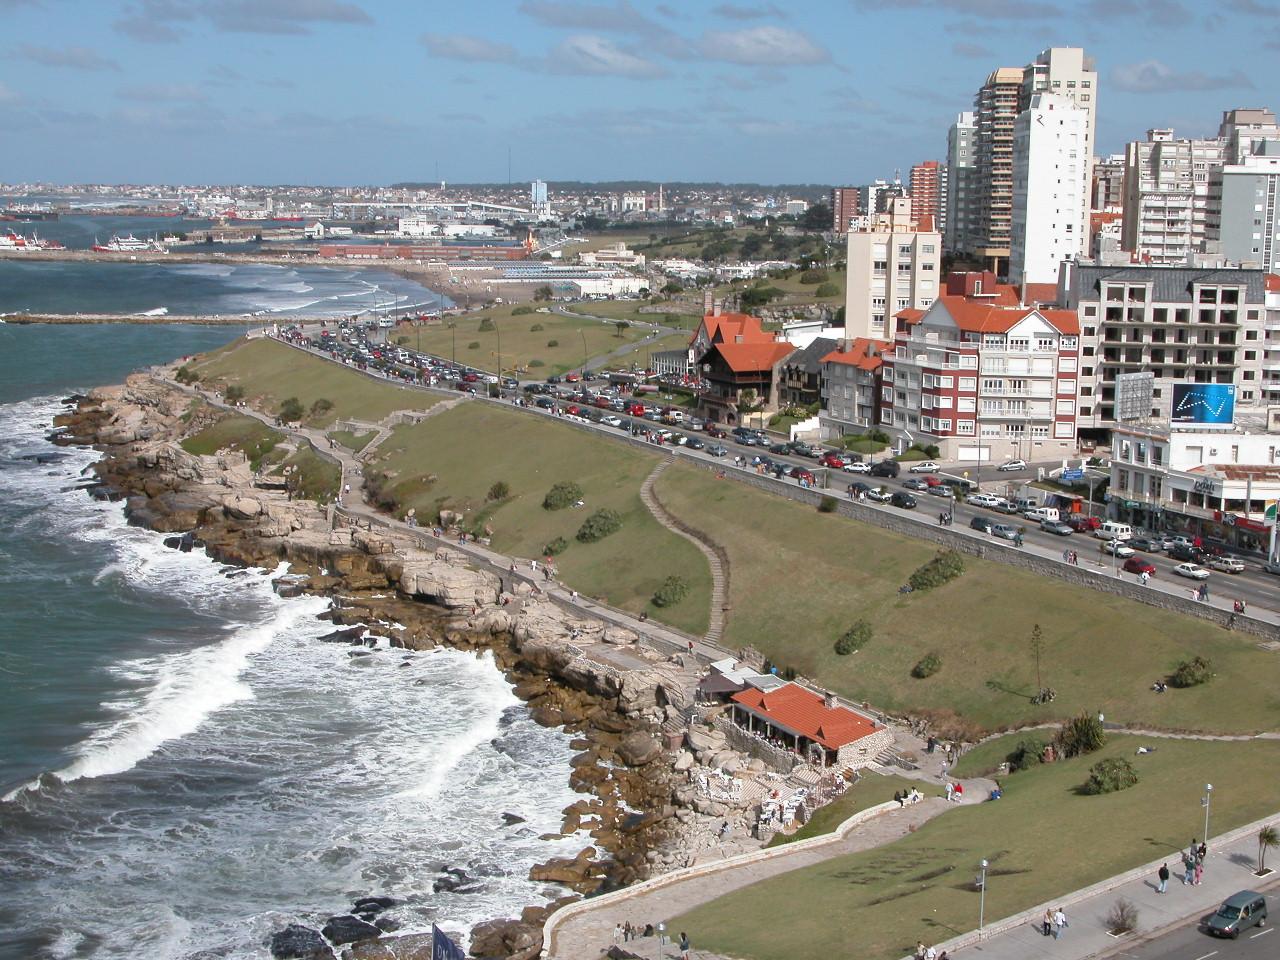 Fotos De Mar Del Plata Argentina Cidades Em Fotos